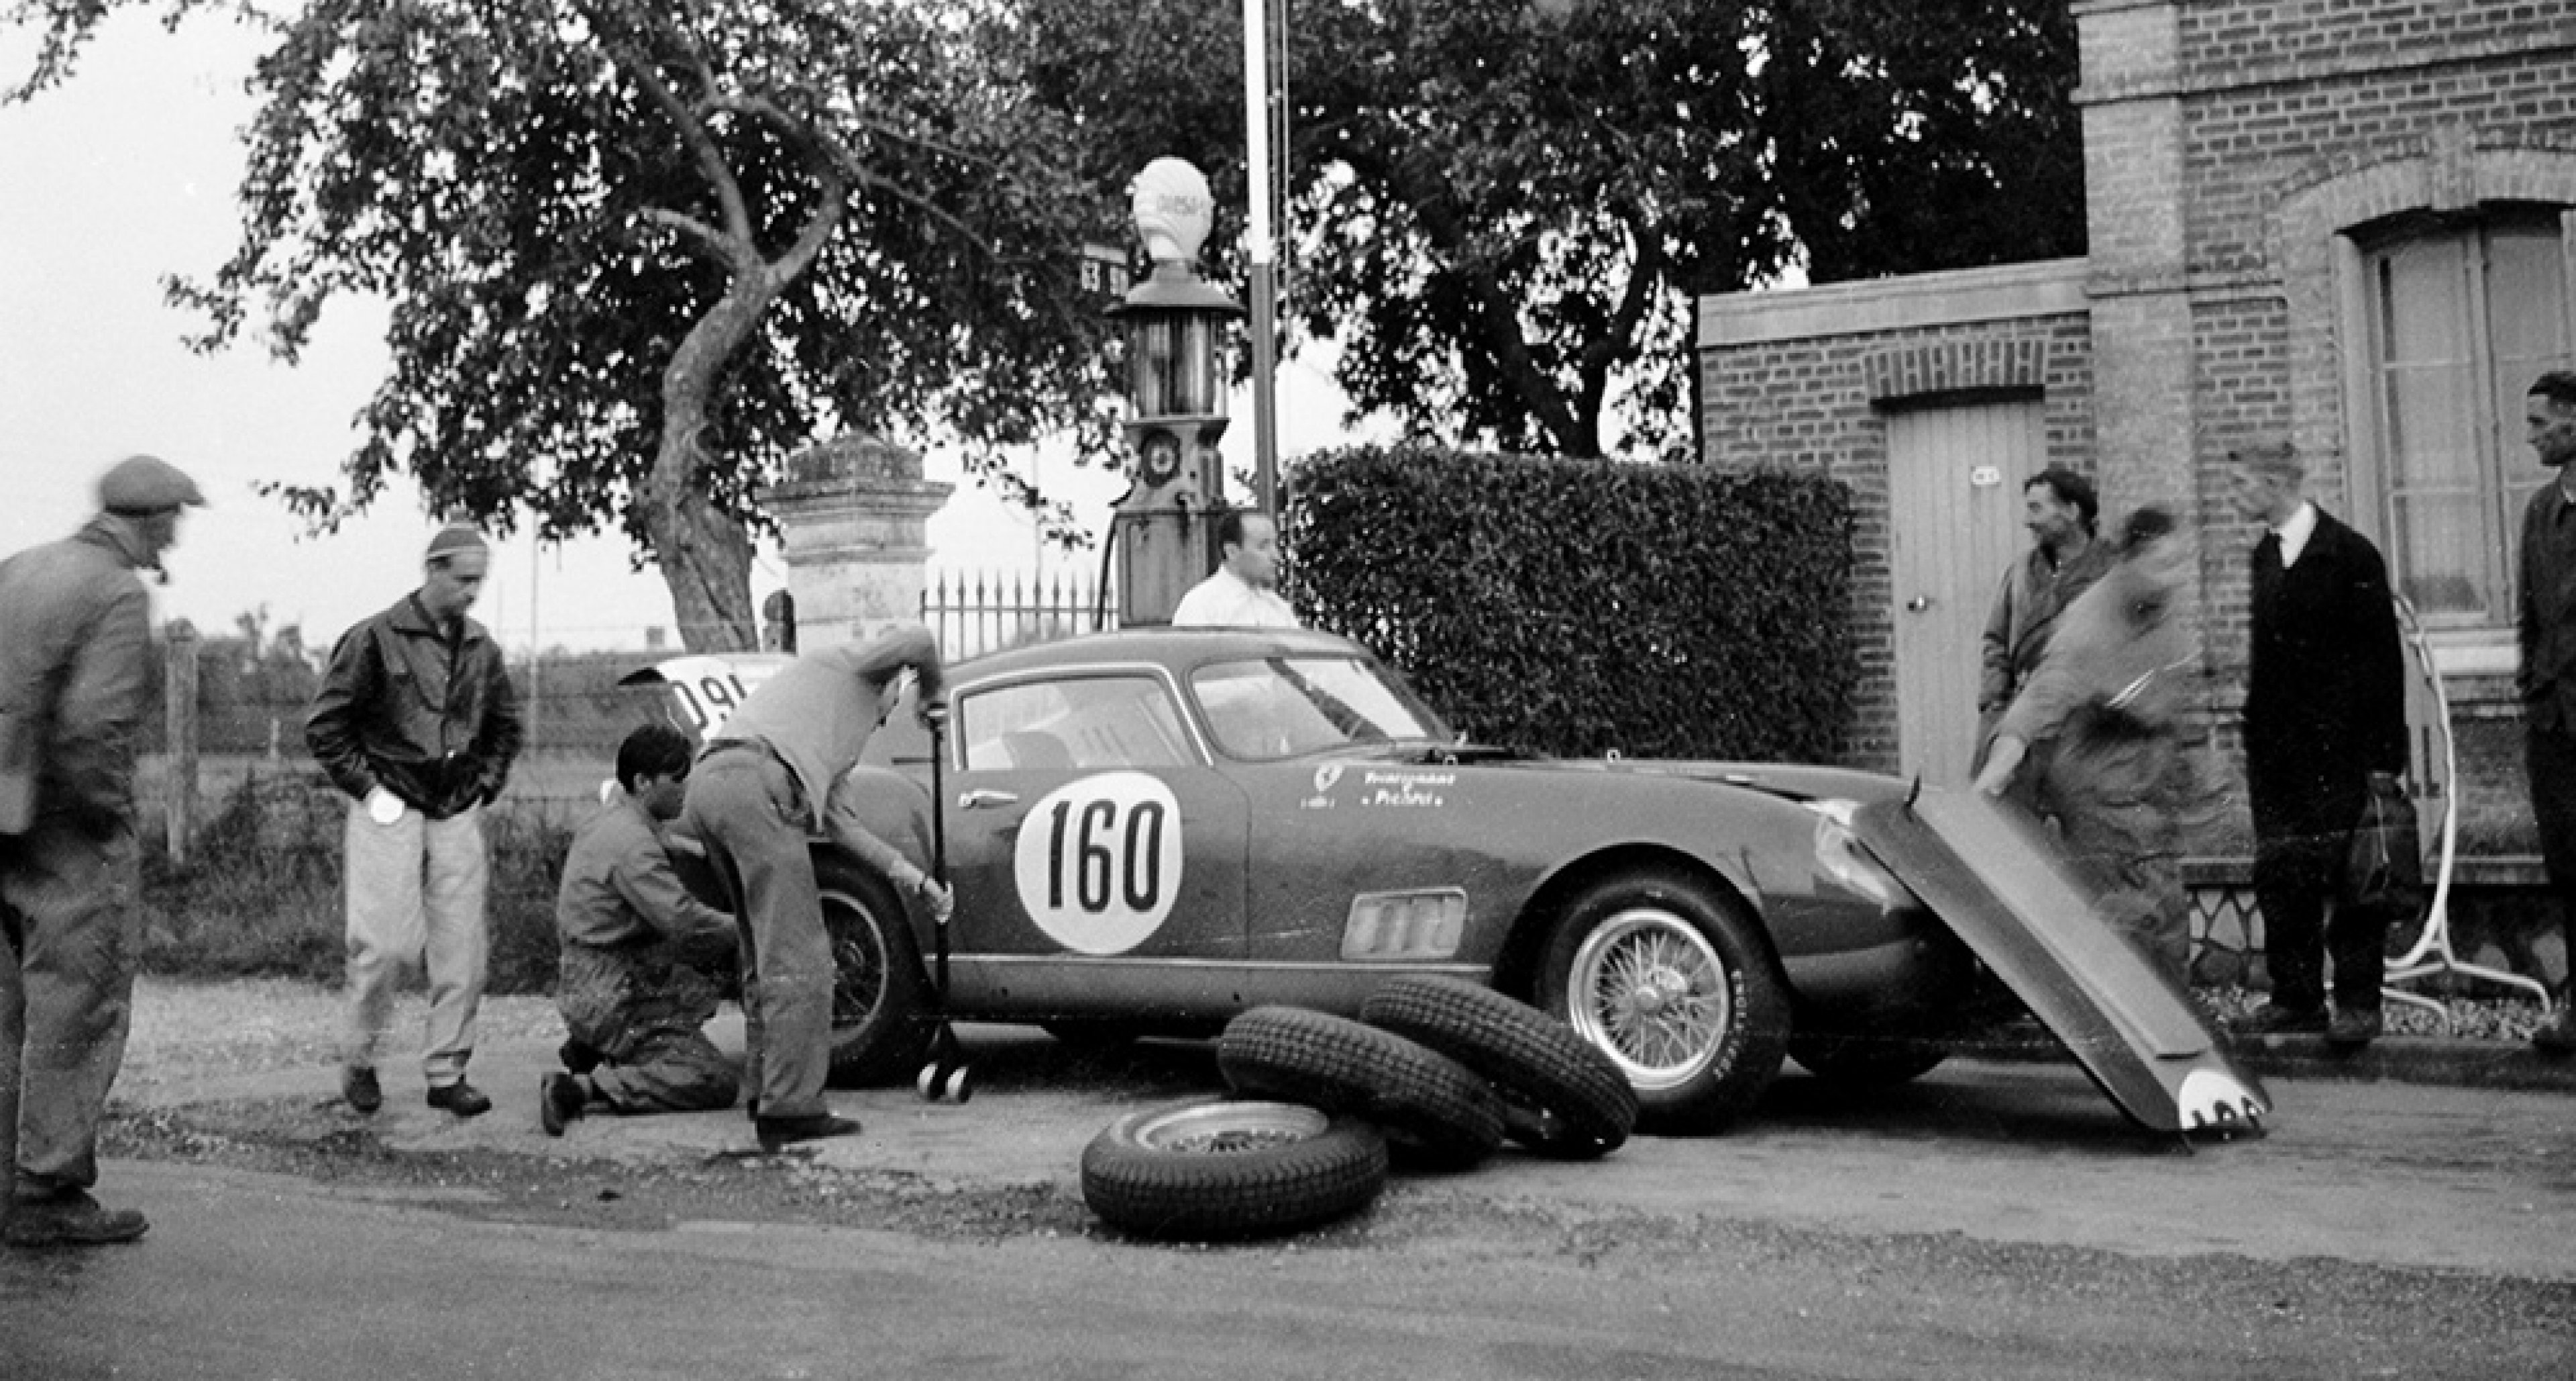 snapshot 1958 no pit lanes on the tour de france automobile classic driver magazine. Black Bedroom Furniture Sets. Home Design Ideas